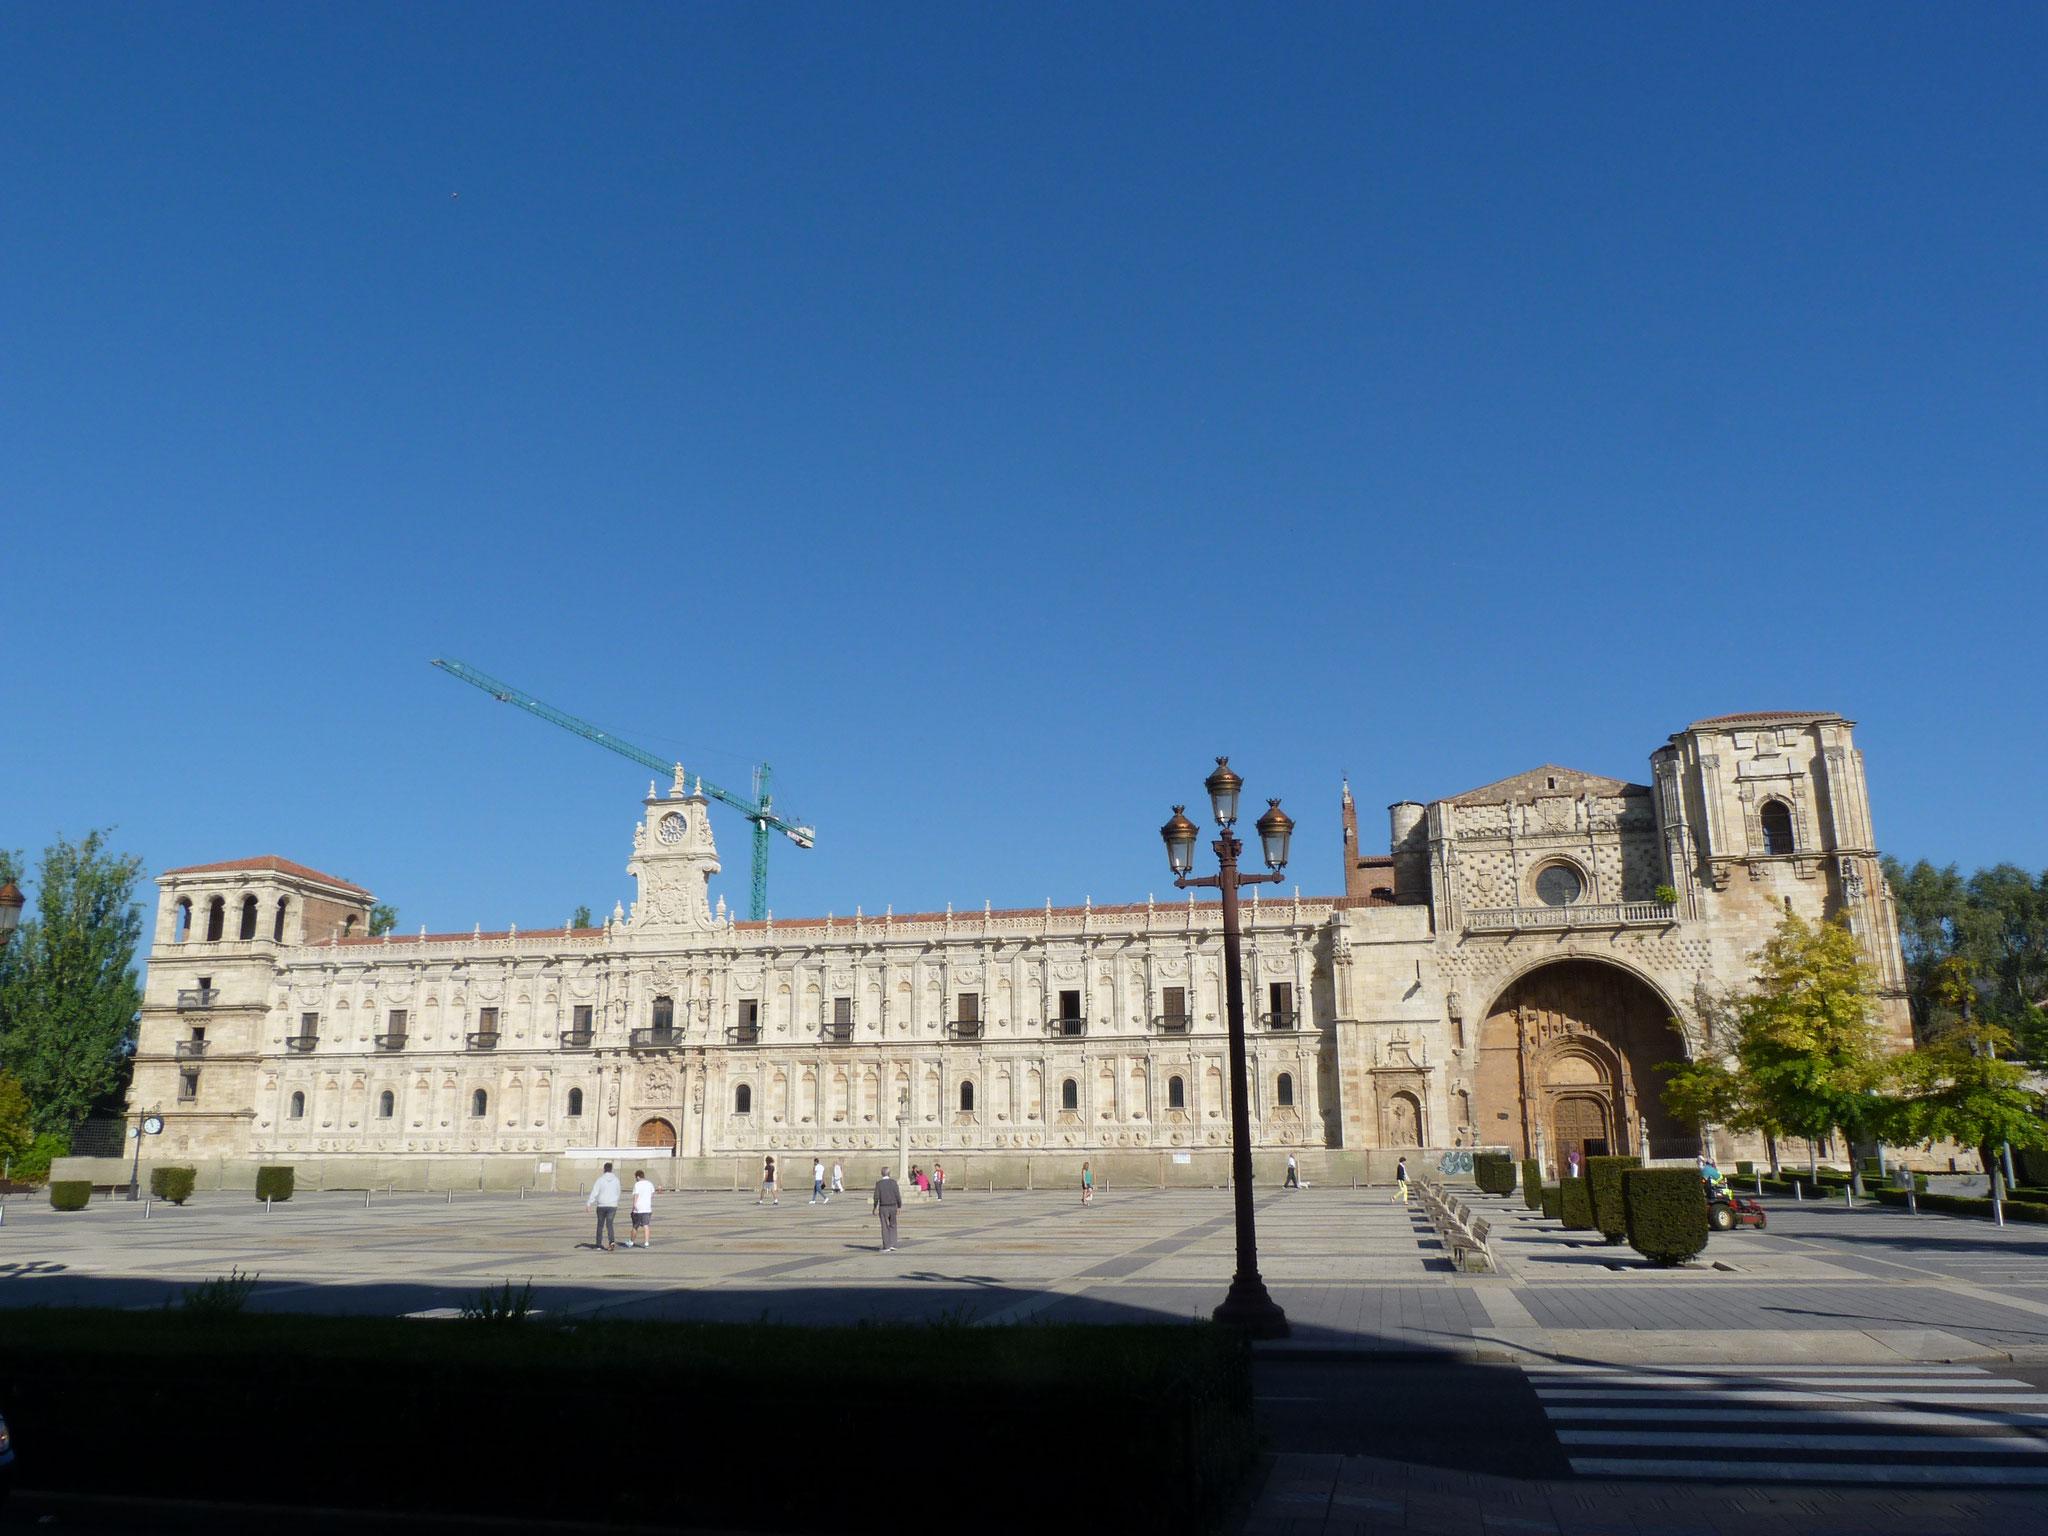 der Palast San Marco, früher Pilgerherberge - heute Luxushotel